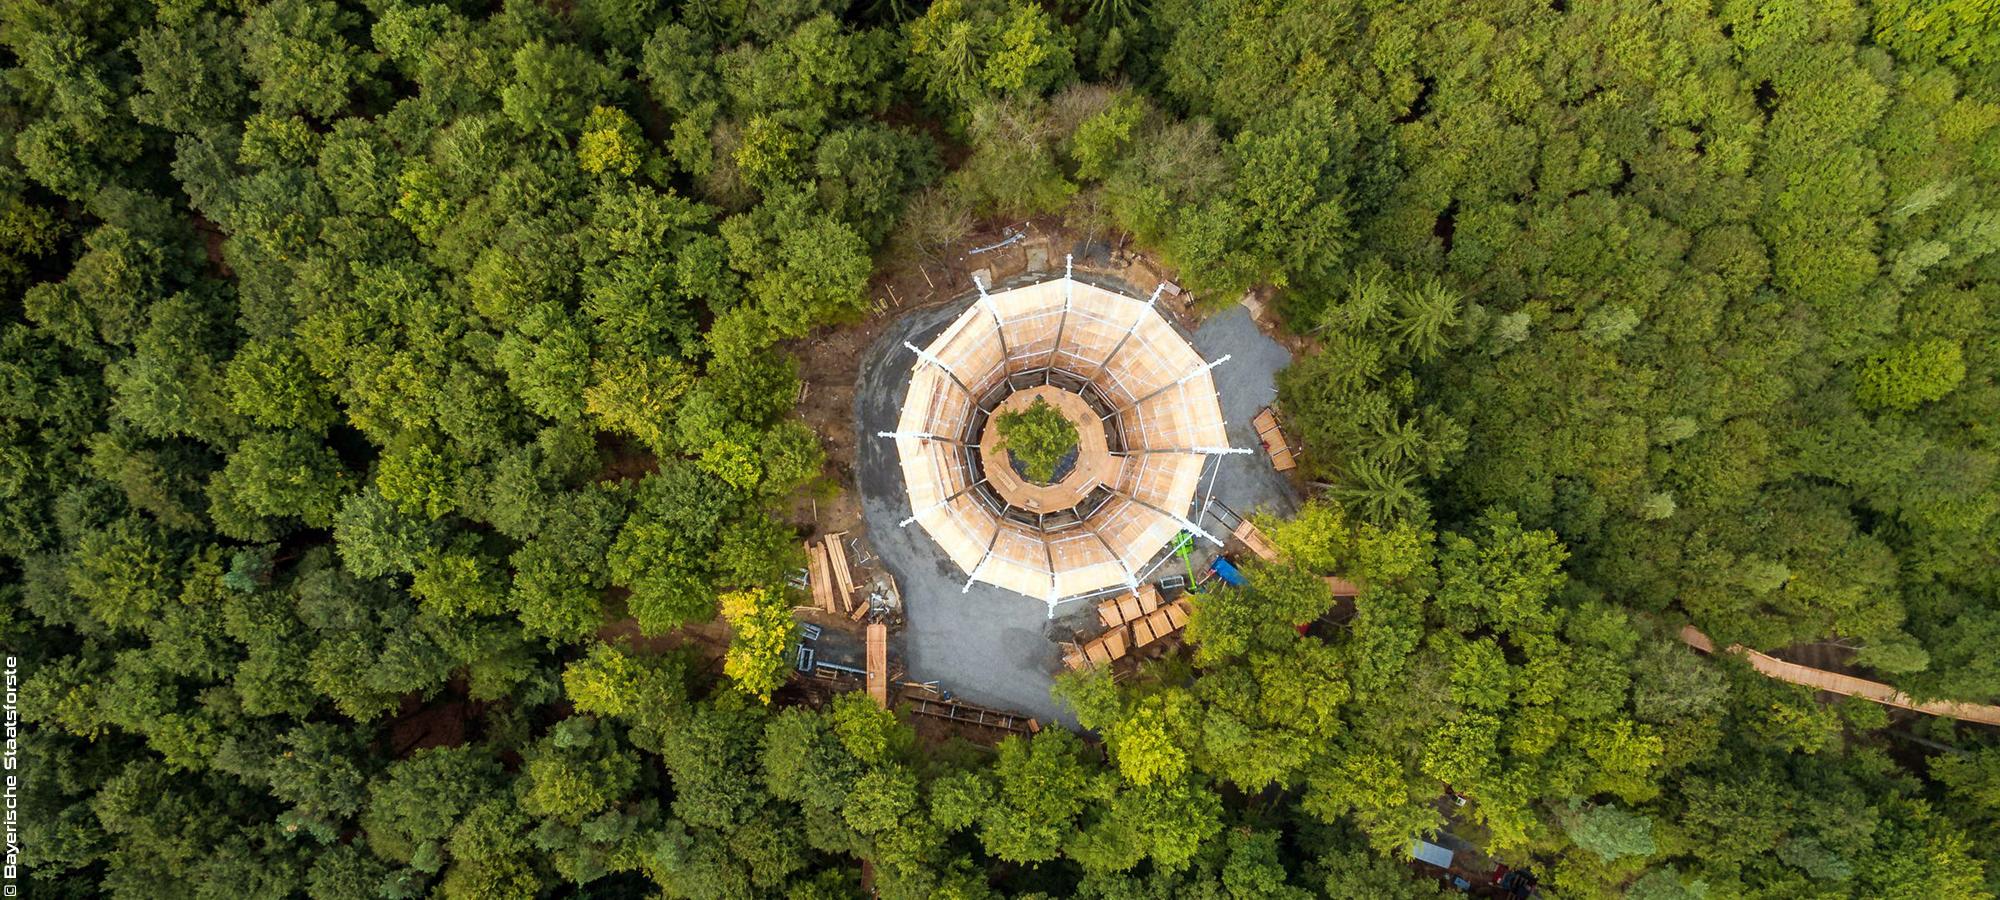 Tour d'arbre - Baumwipfelpfad